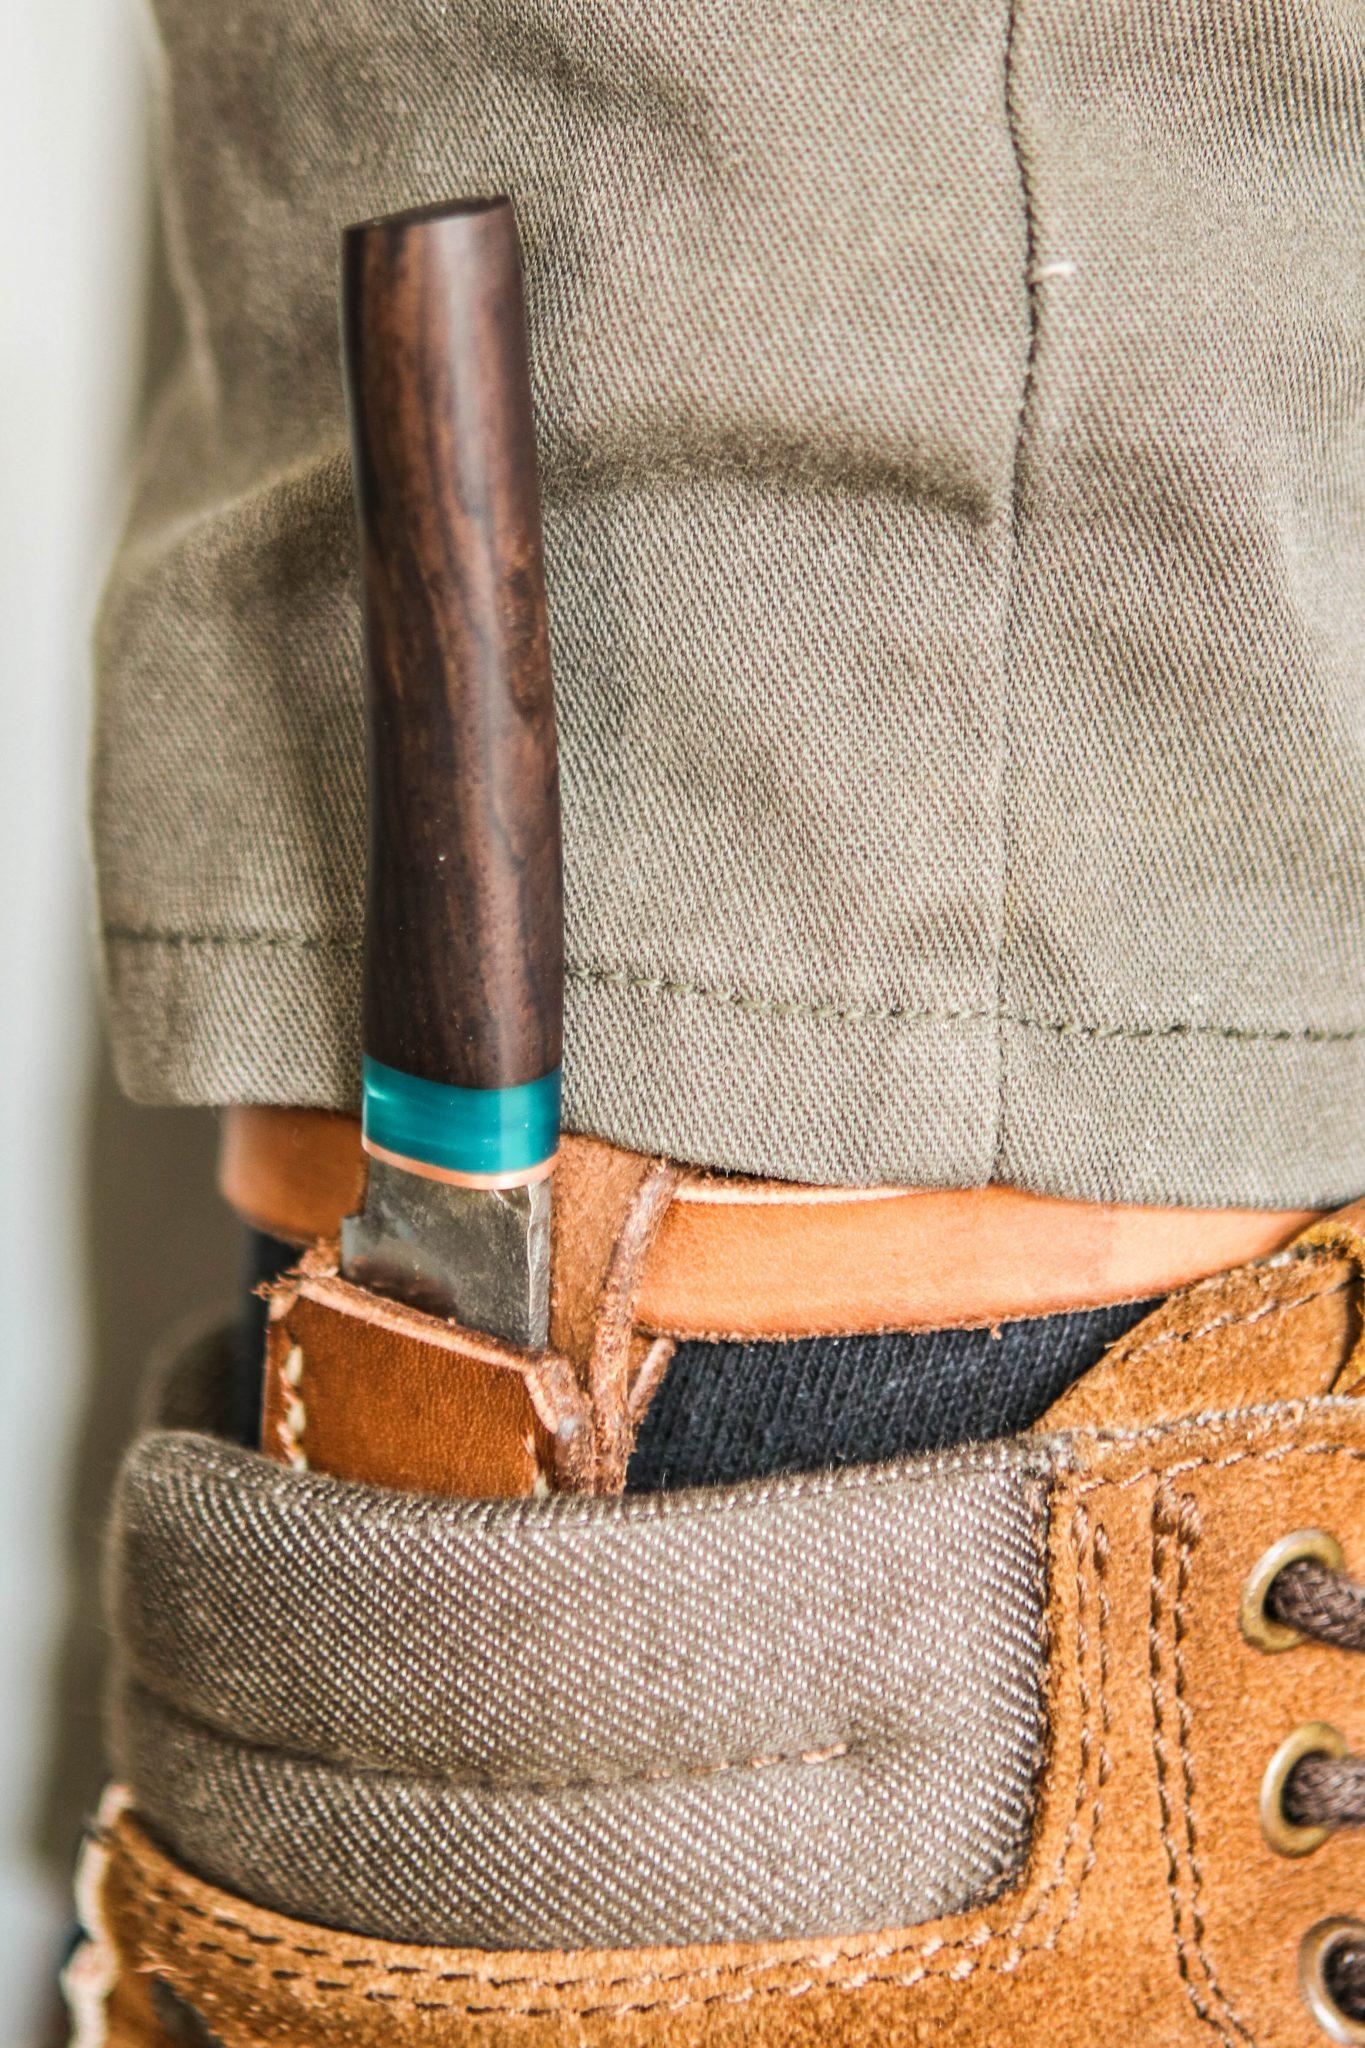 Lander Verschueren mes messen zelfgemaakt handgemaakt wapen smeden smid leer leren leder hoes schede laarsmes